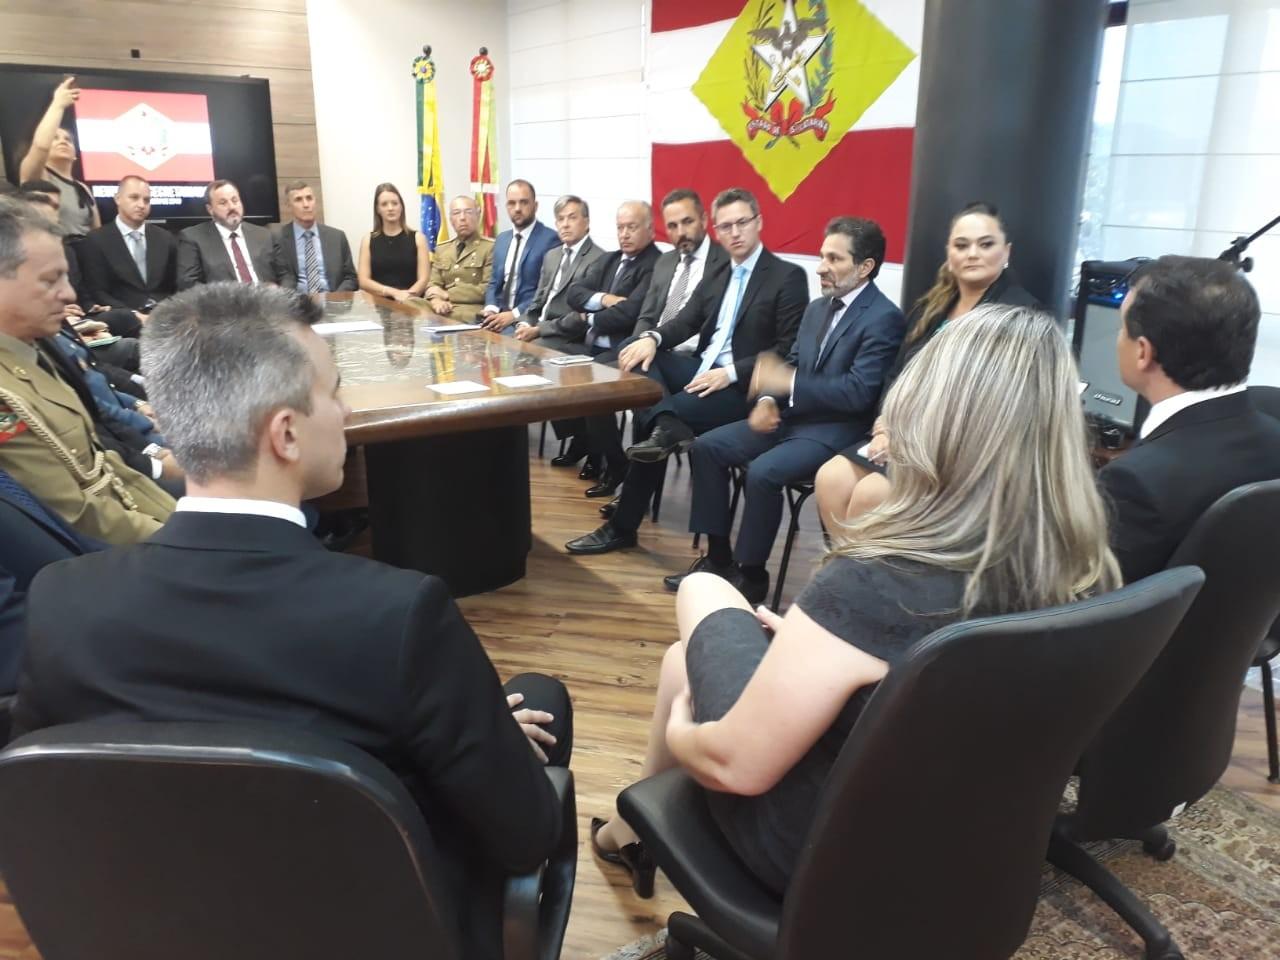 Secretários do governo Carlos Moisés tomam posse em SC